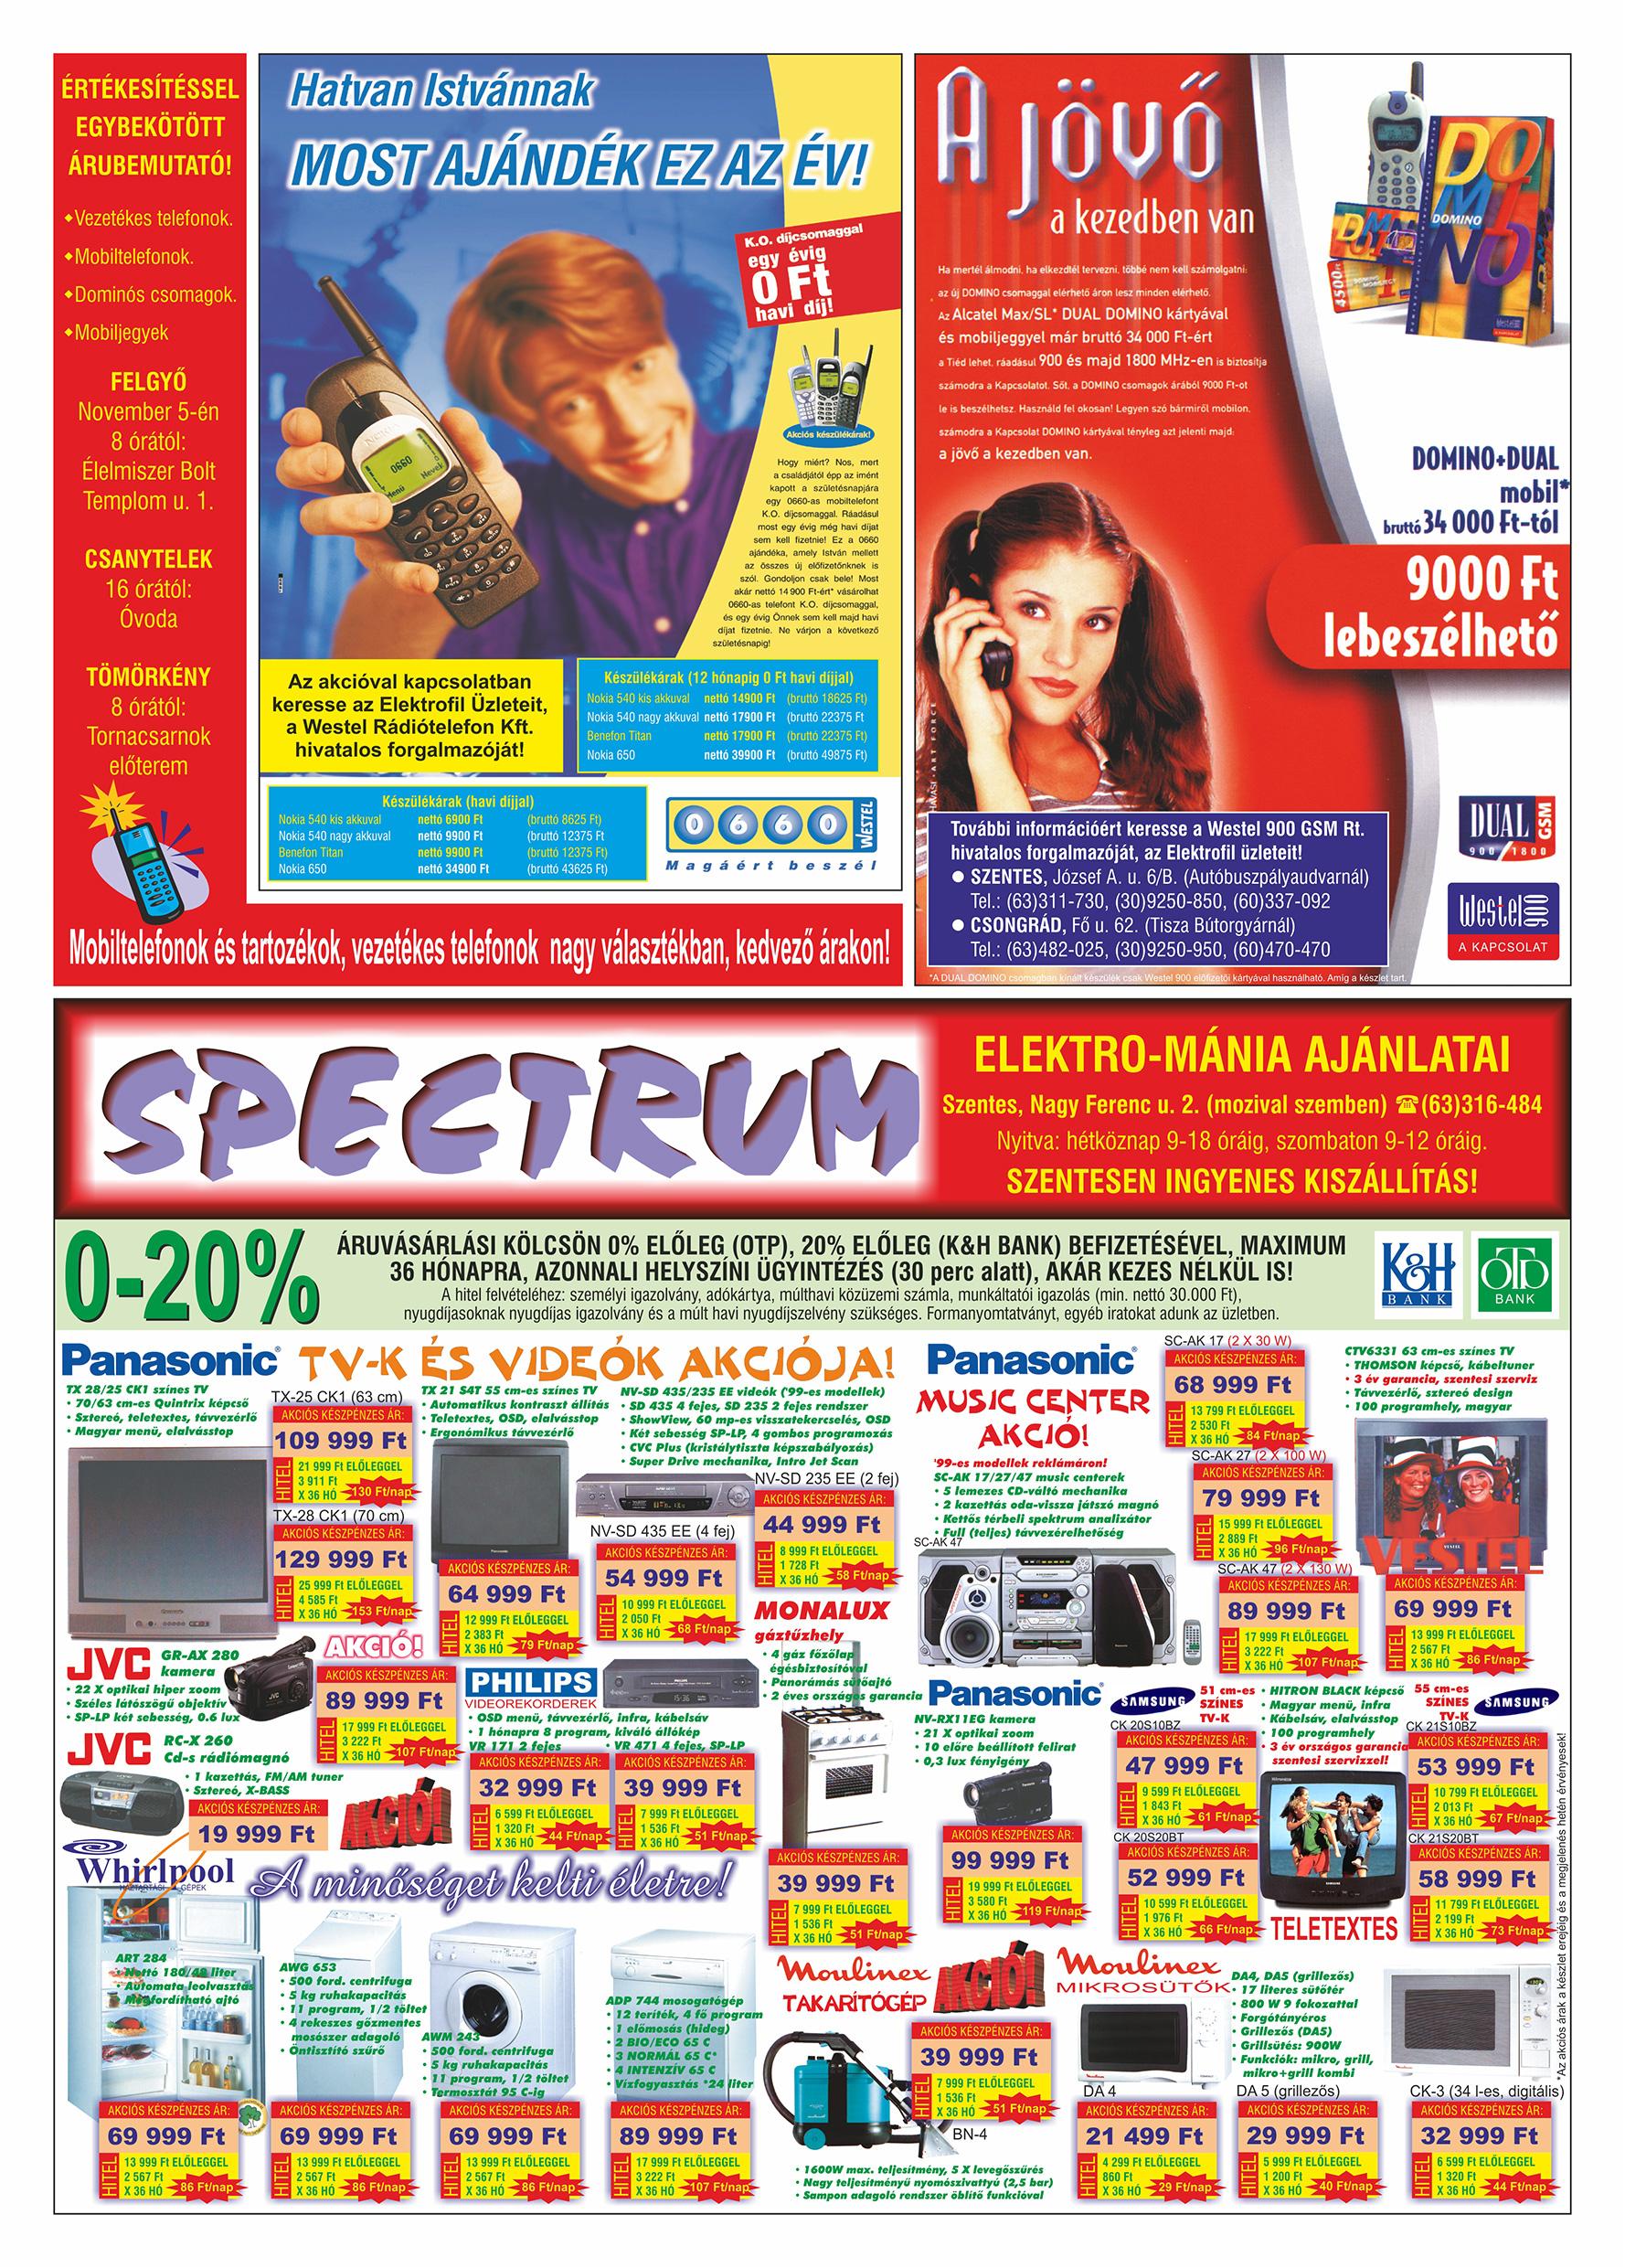 064 Tuti Tipp Extra reklámújság - 19991030-019. lapszám - 2.oldal - V. évfolyam.jpg